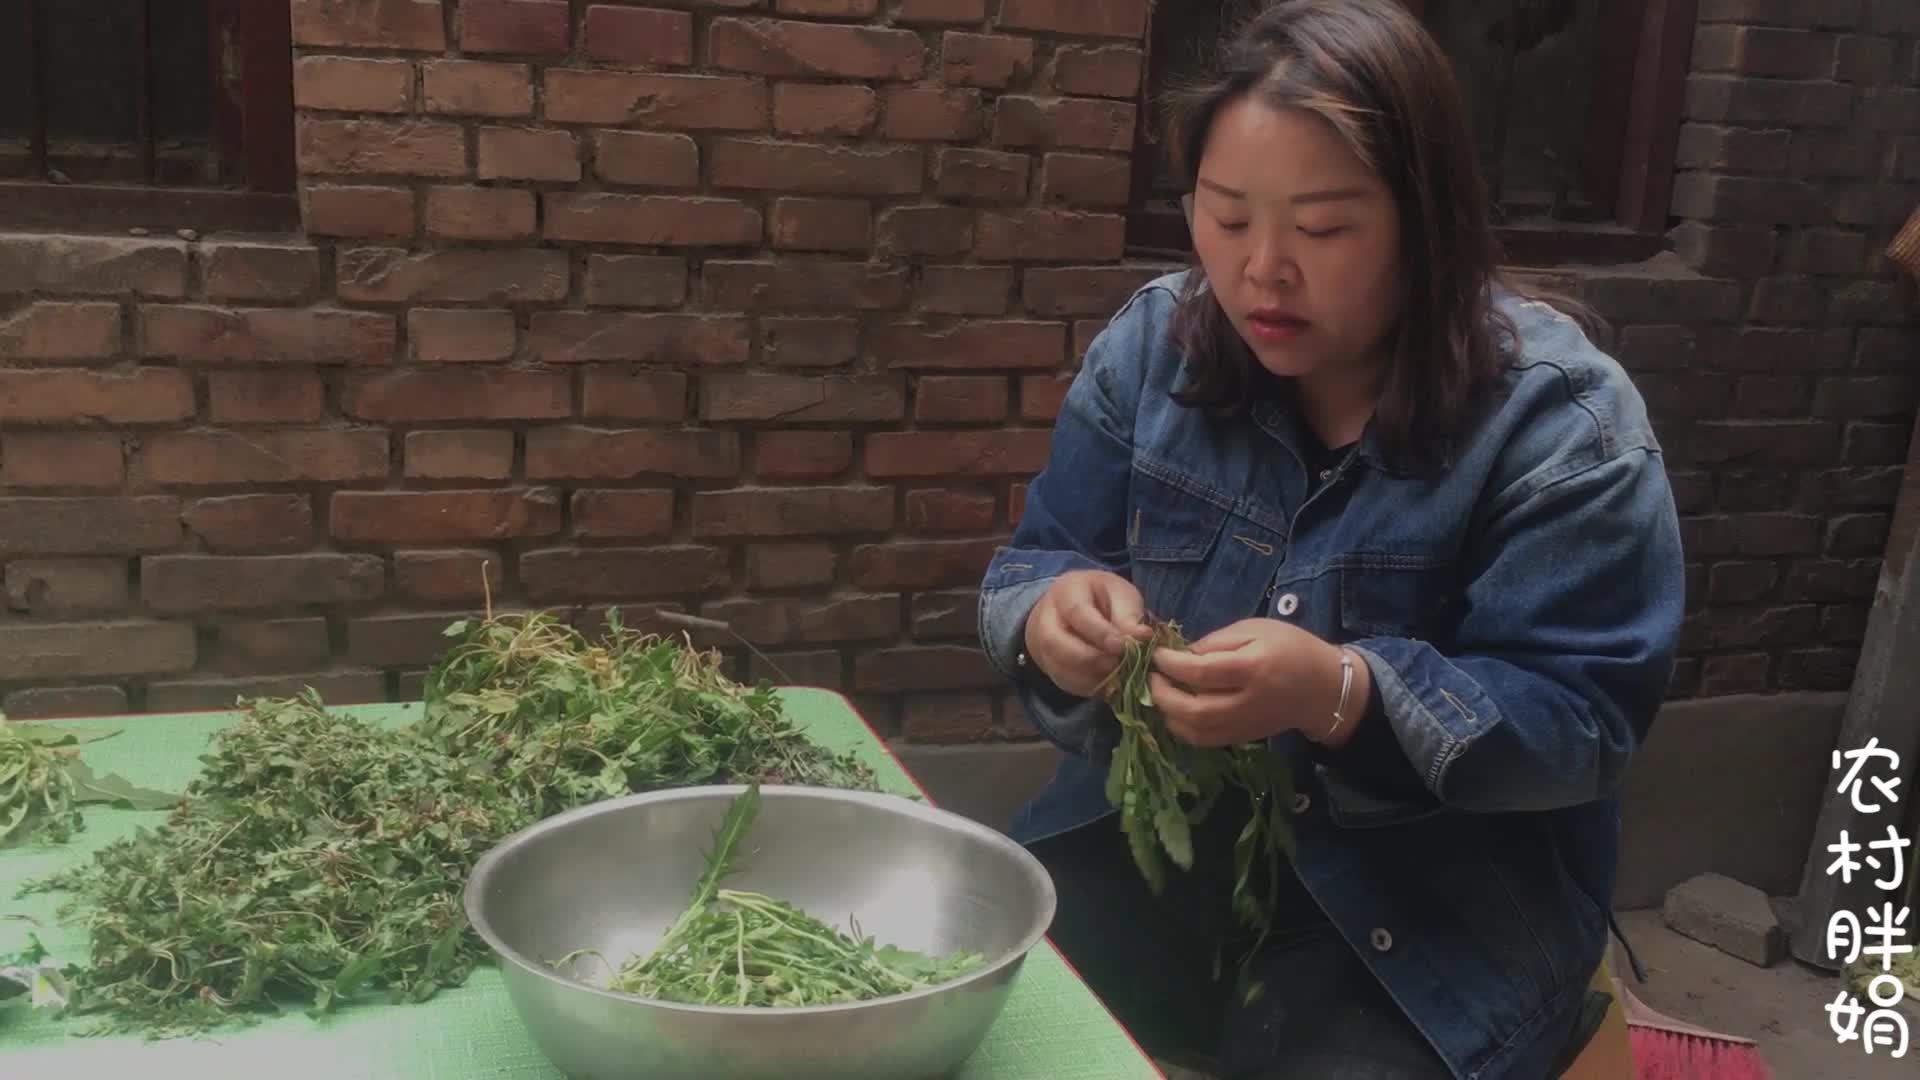 农村媳妇做了一盘野菜,做法简单又不失营养,把老公馋坏了